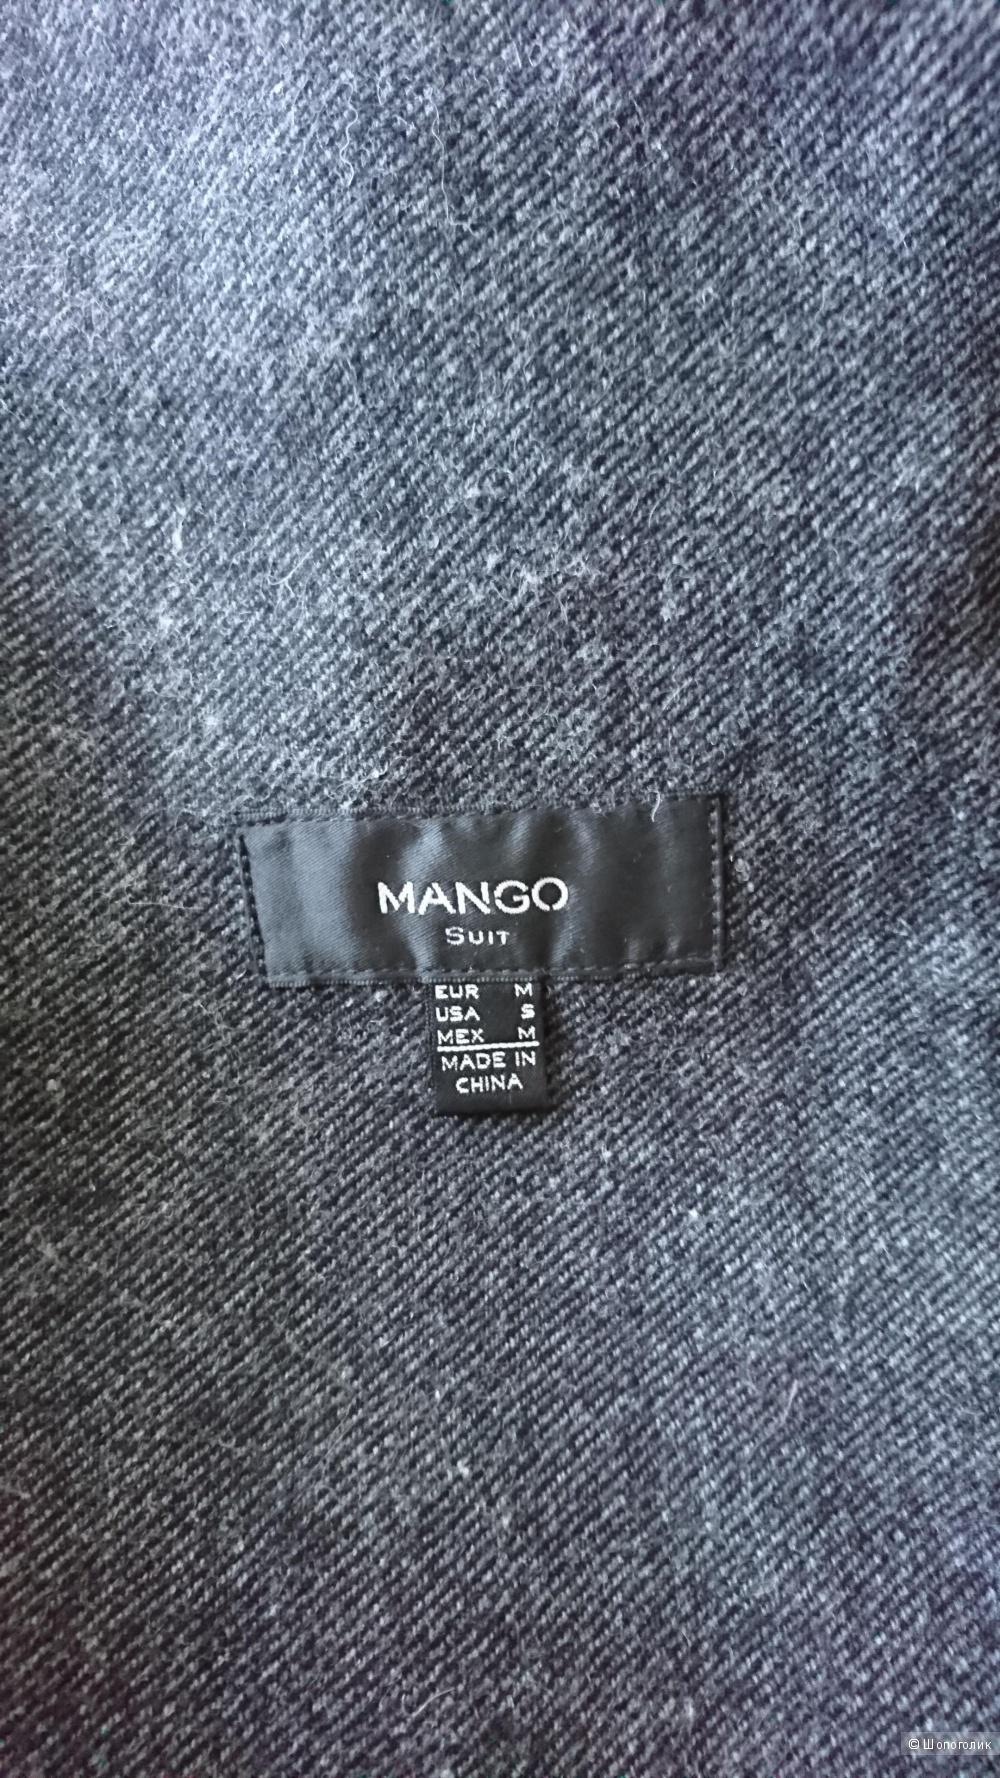 Пальто Mango М размер